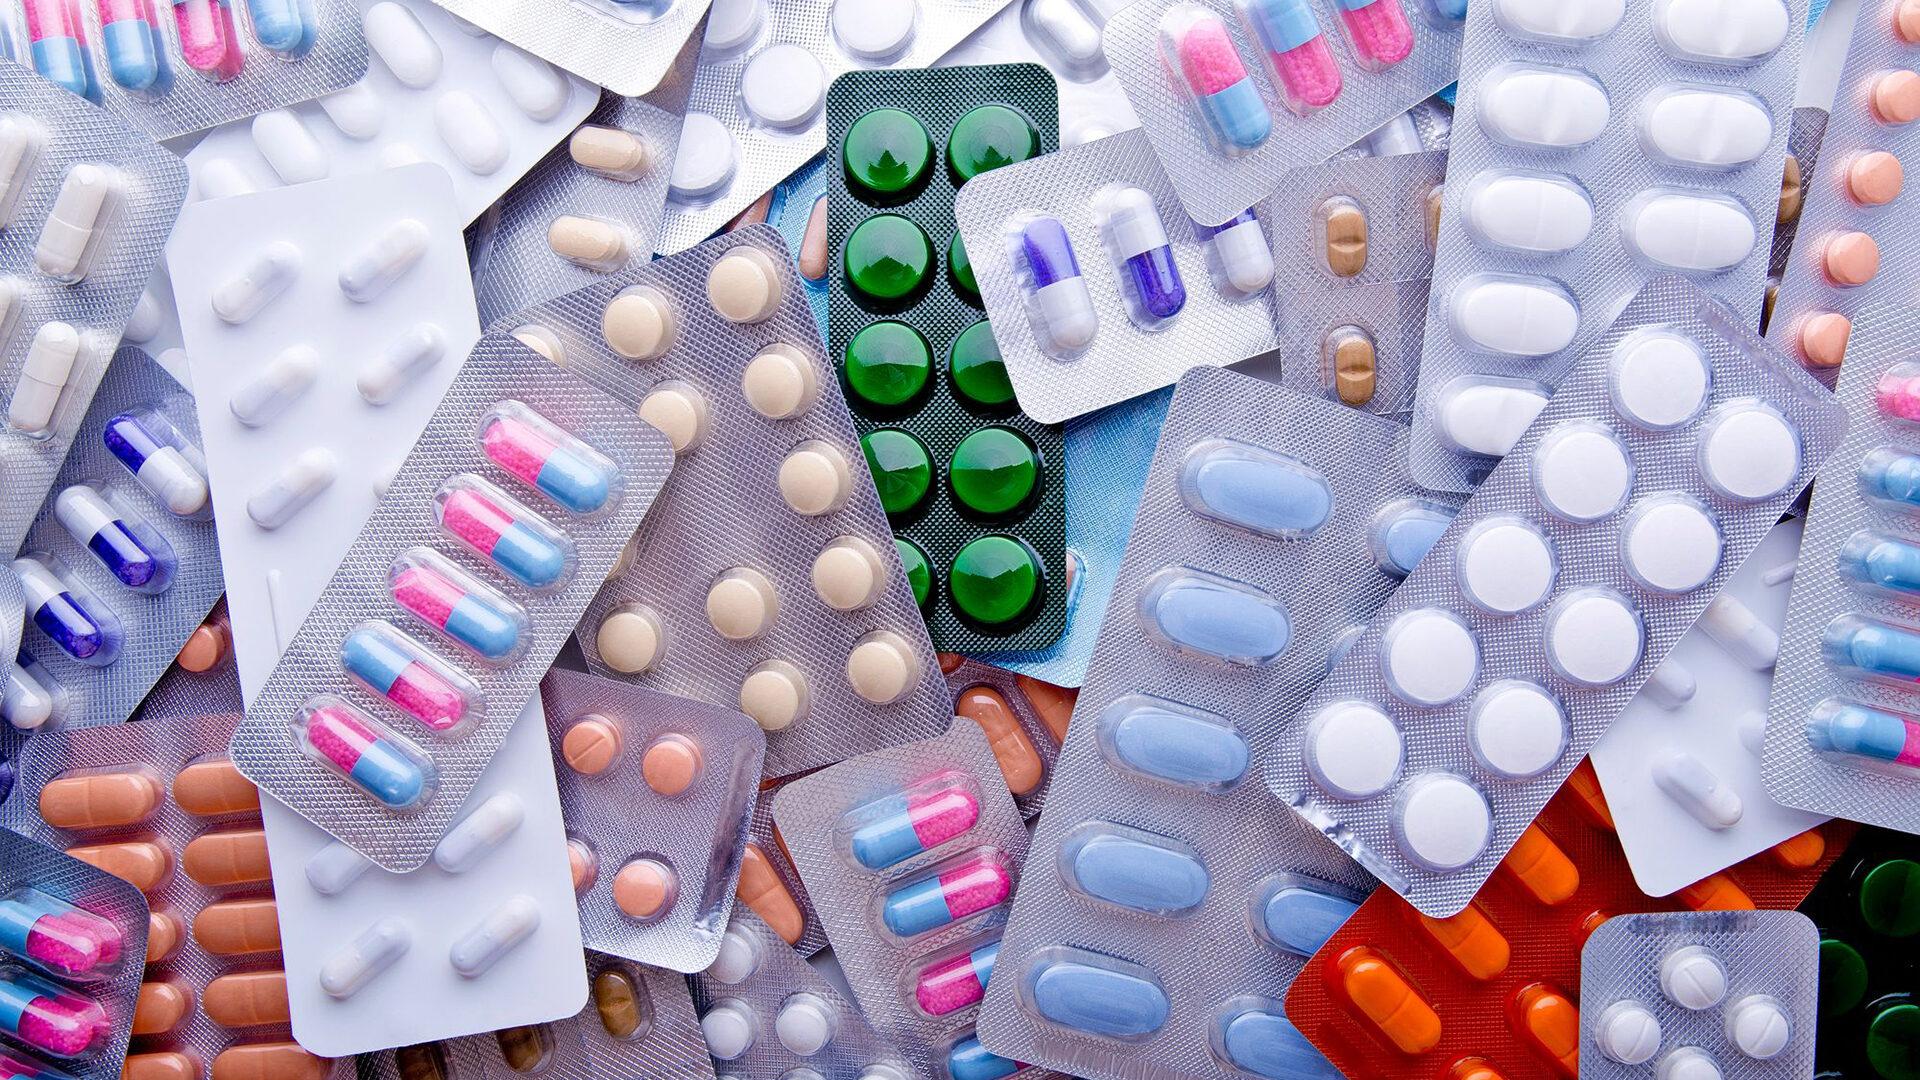 Antibioottien teho on huonontunut